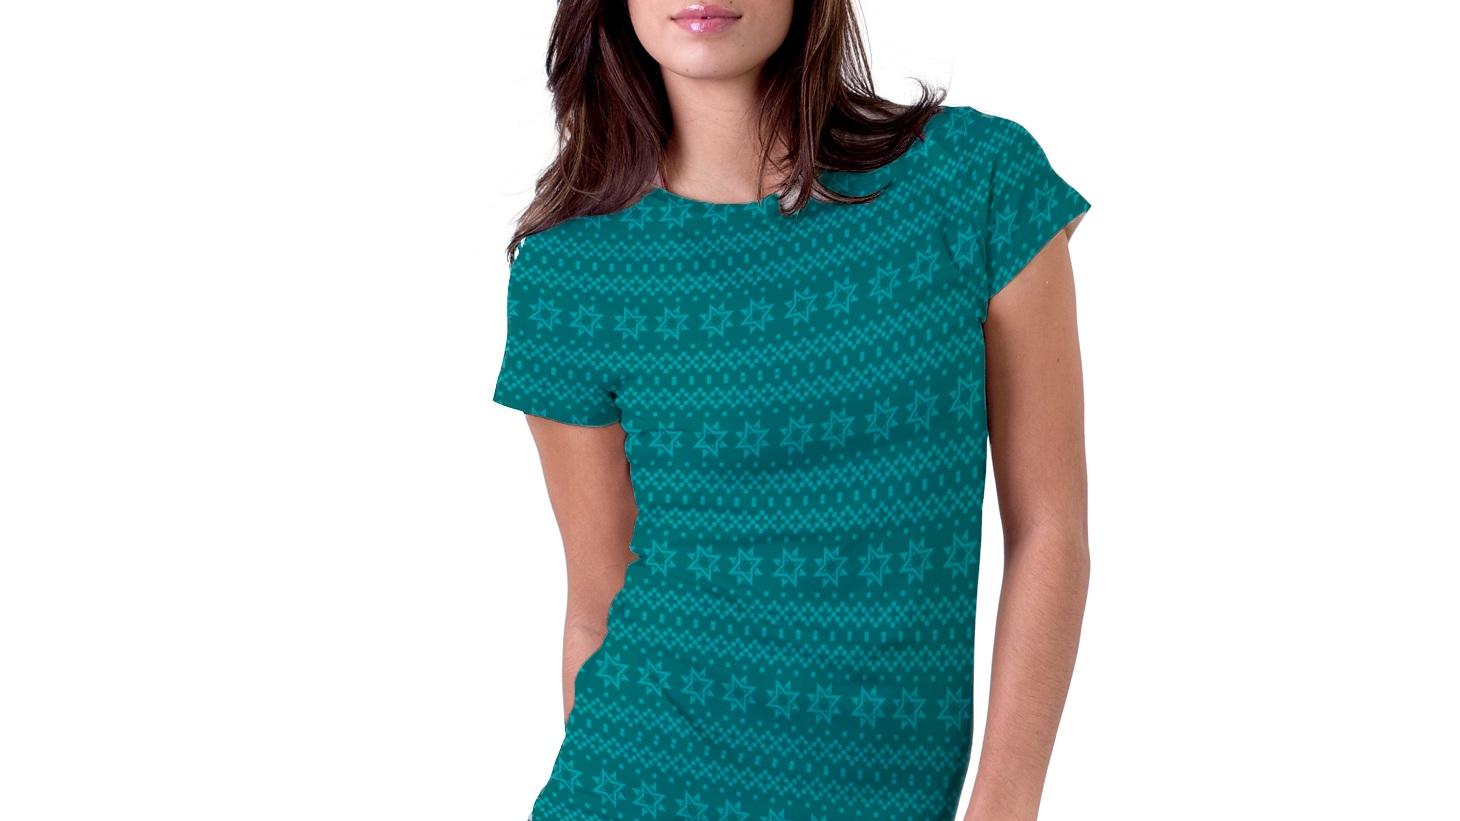 Mønster - Vi har også utvikla eit eige mønster basert på logoelementet, som f.eks kan brukast på klær.